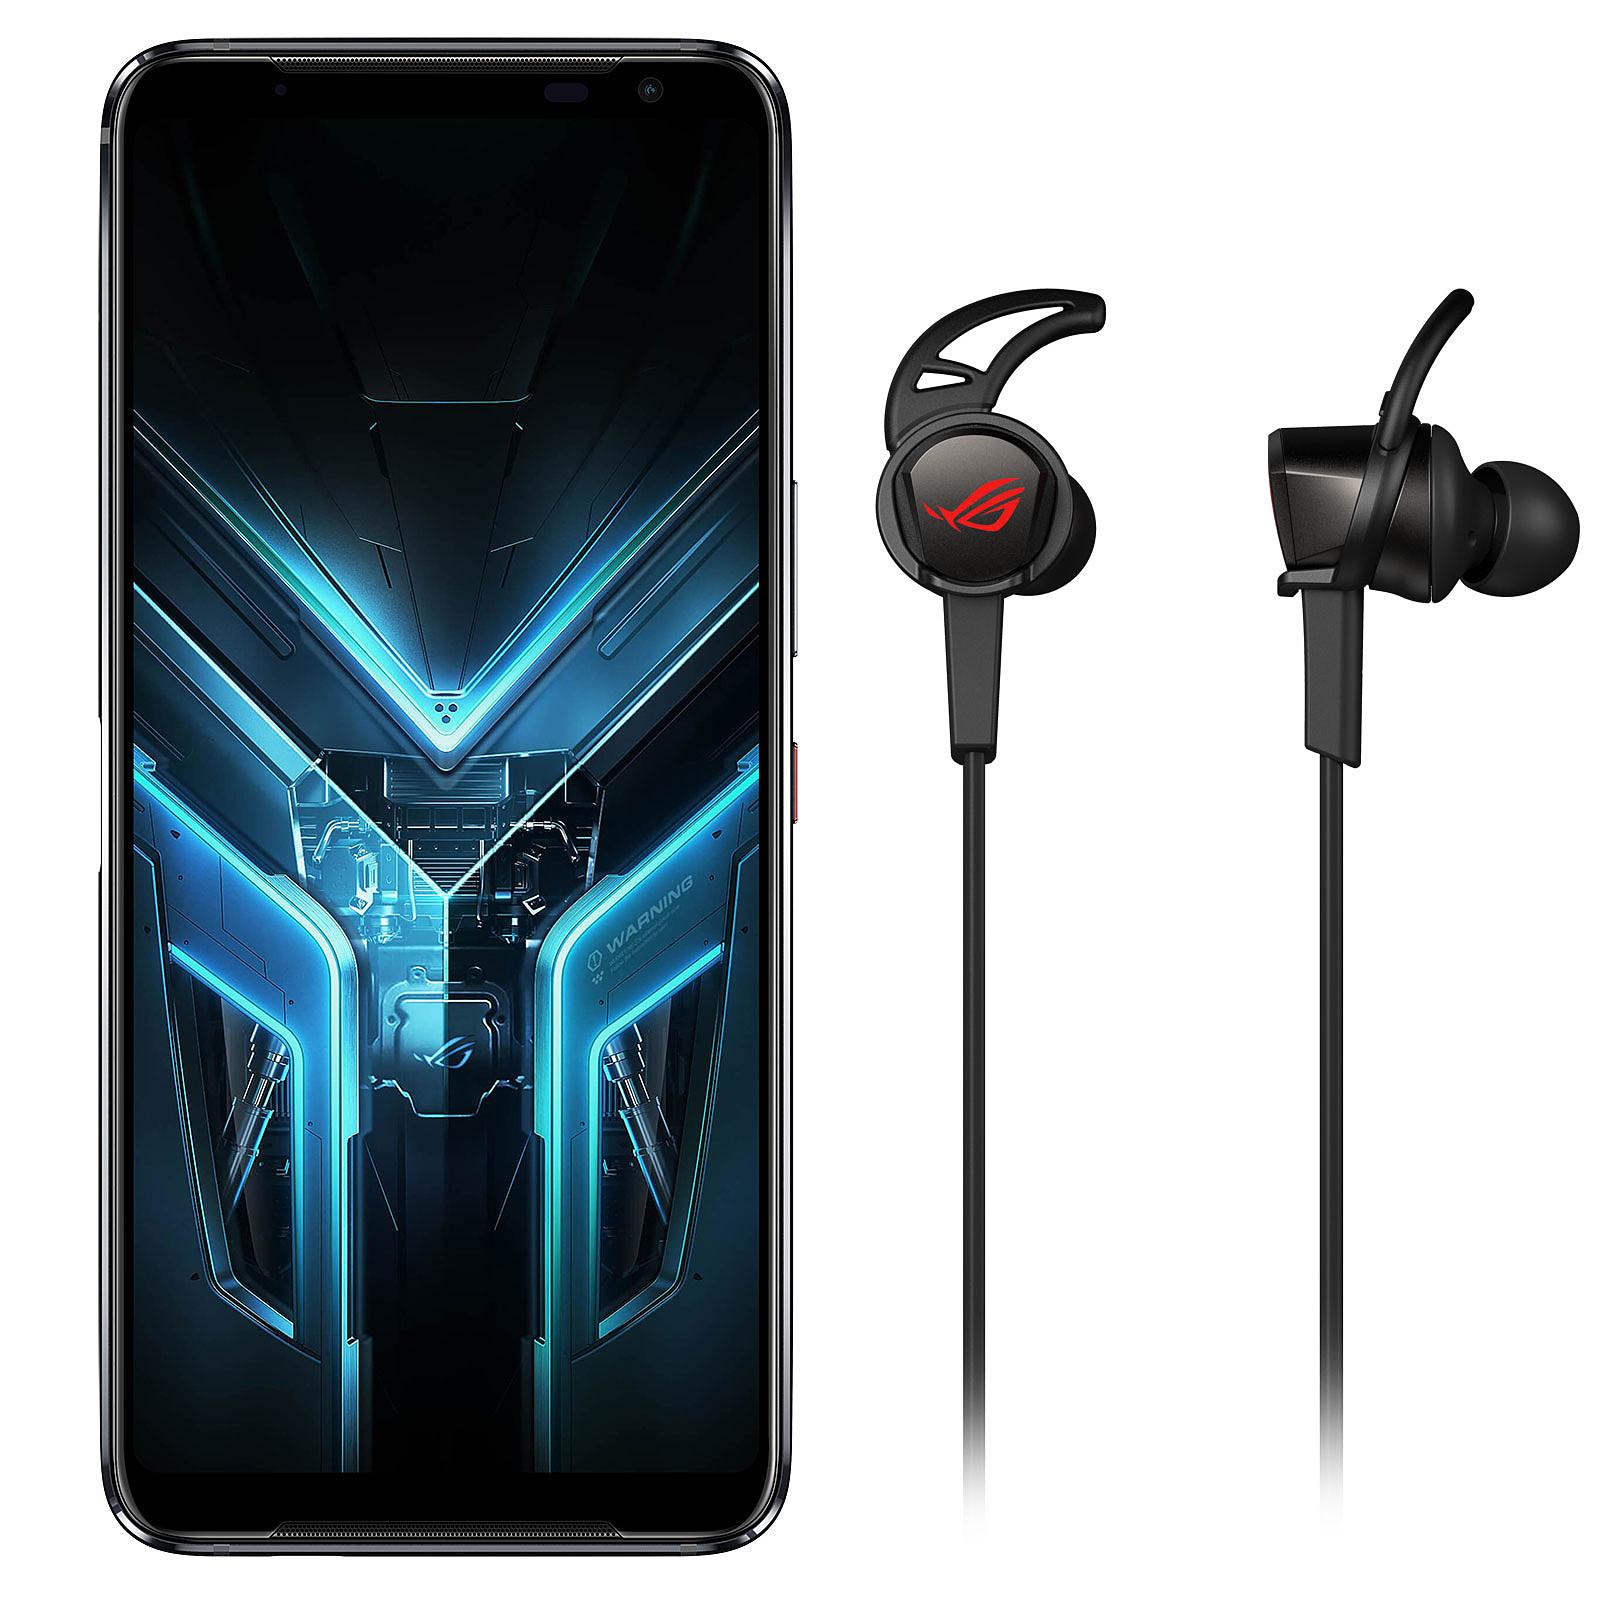 ASUS ROG Phone 3 Noir (12 Go / 512 Go) + ROG Cetra Core